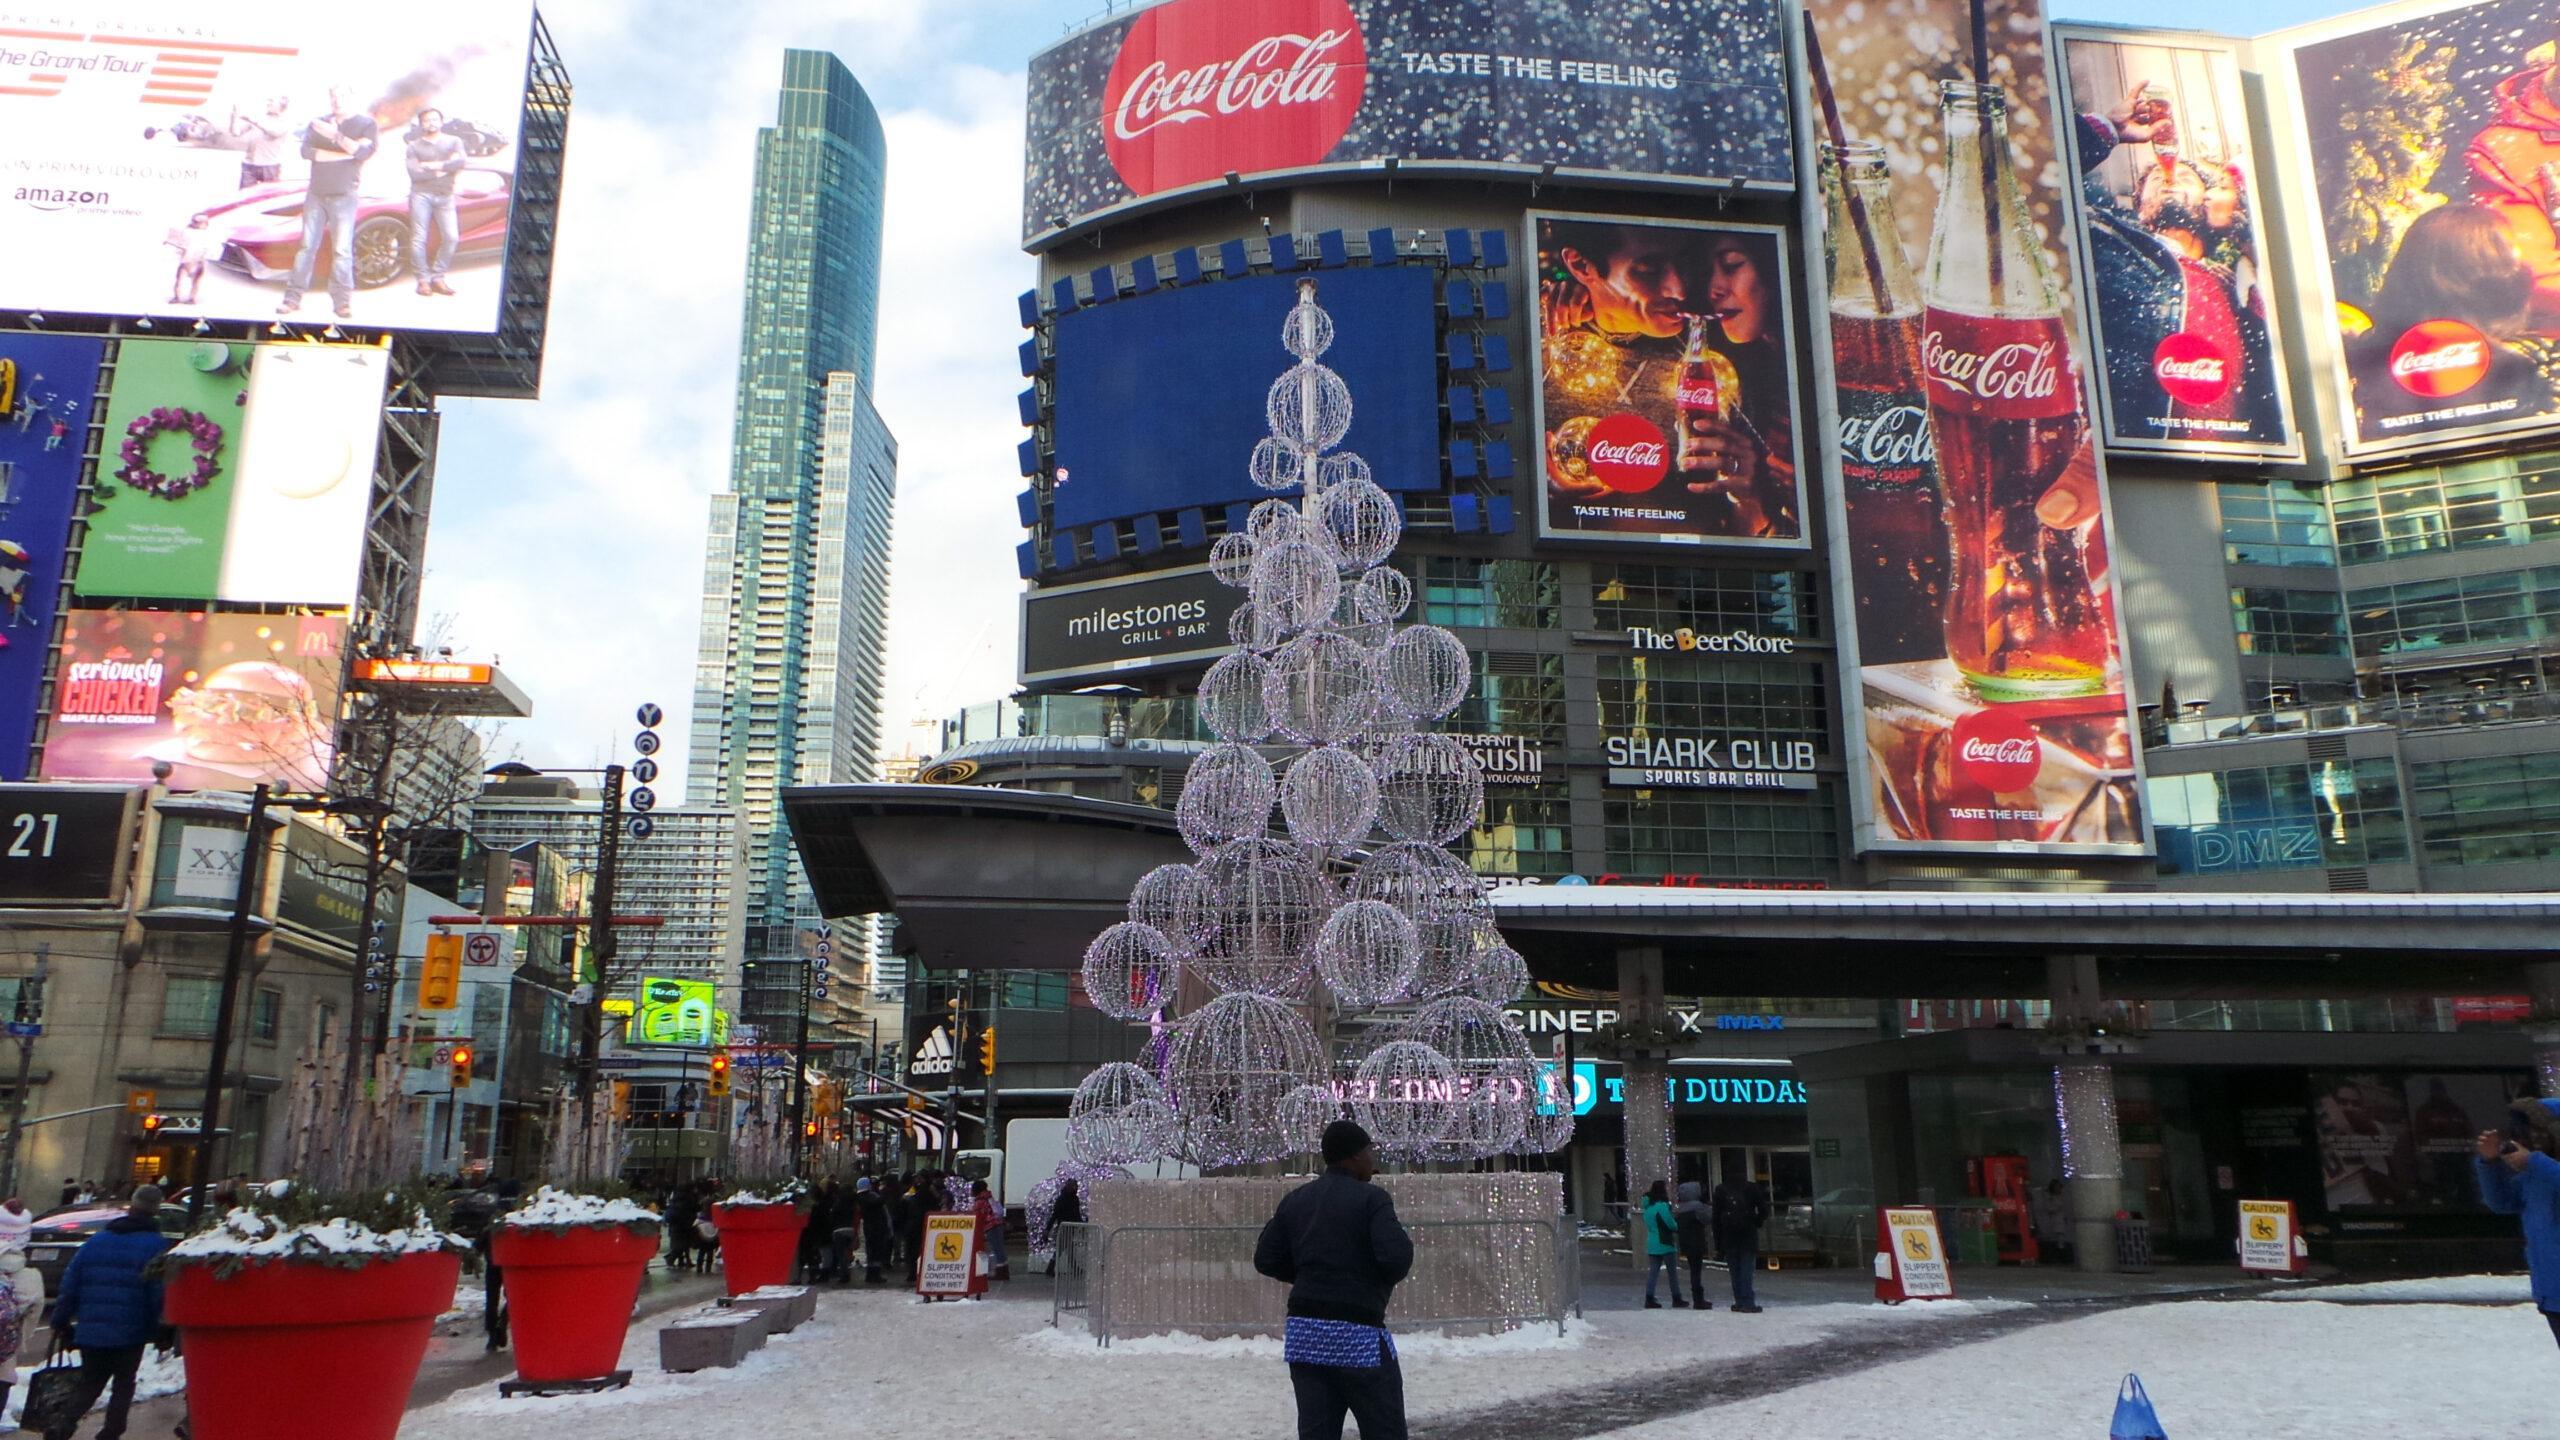 Dundas Square - Toronto Canada